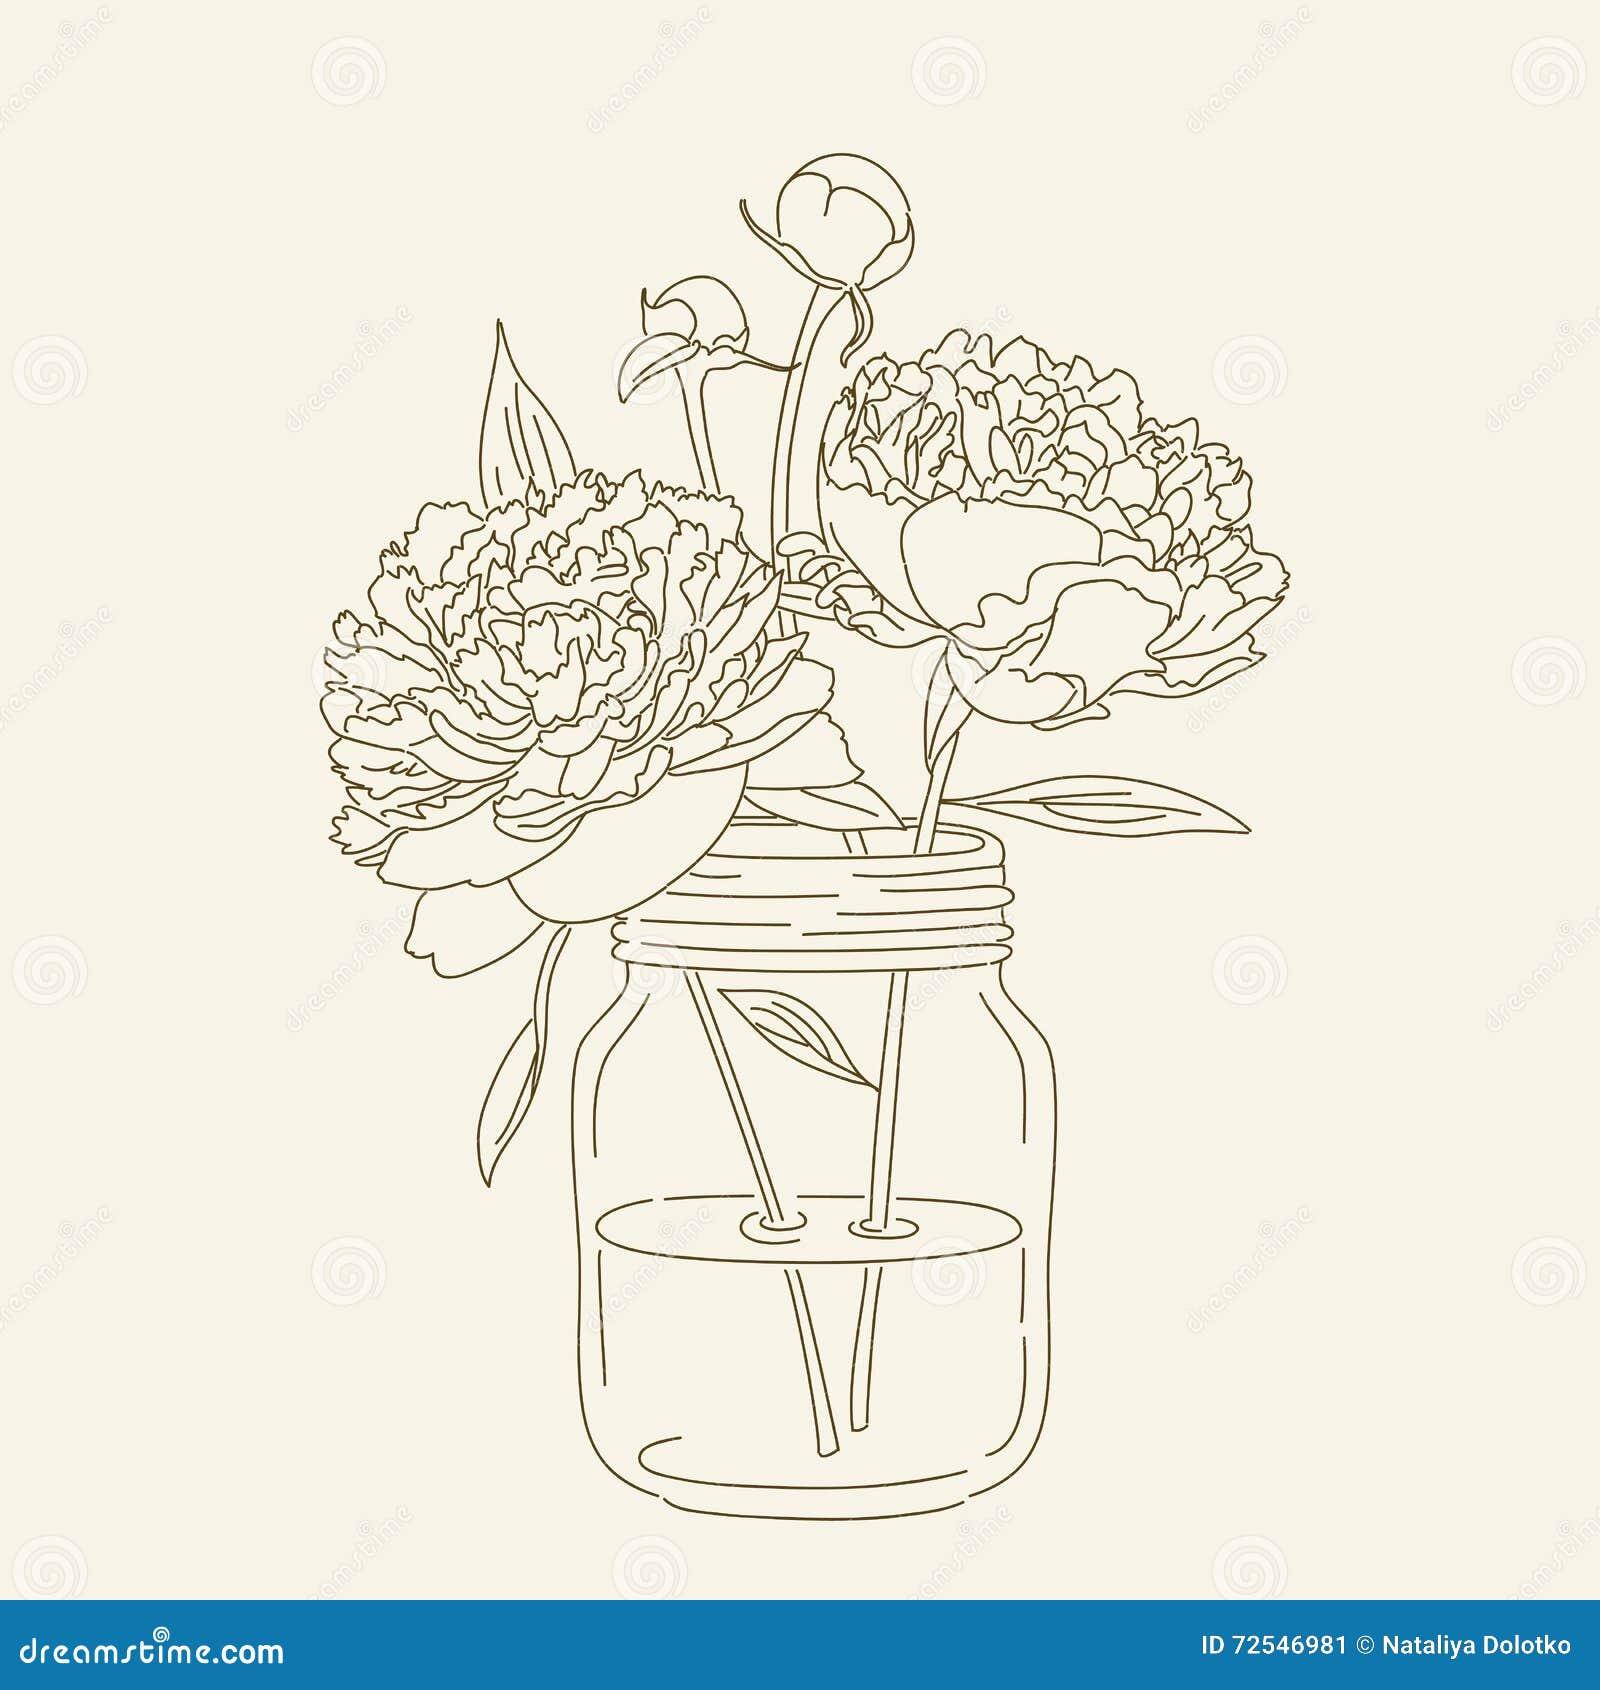 Coloring Drawn Hand Illustration Jar Mason Page